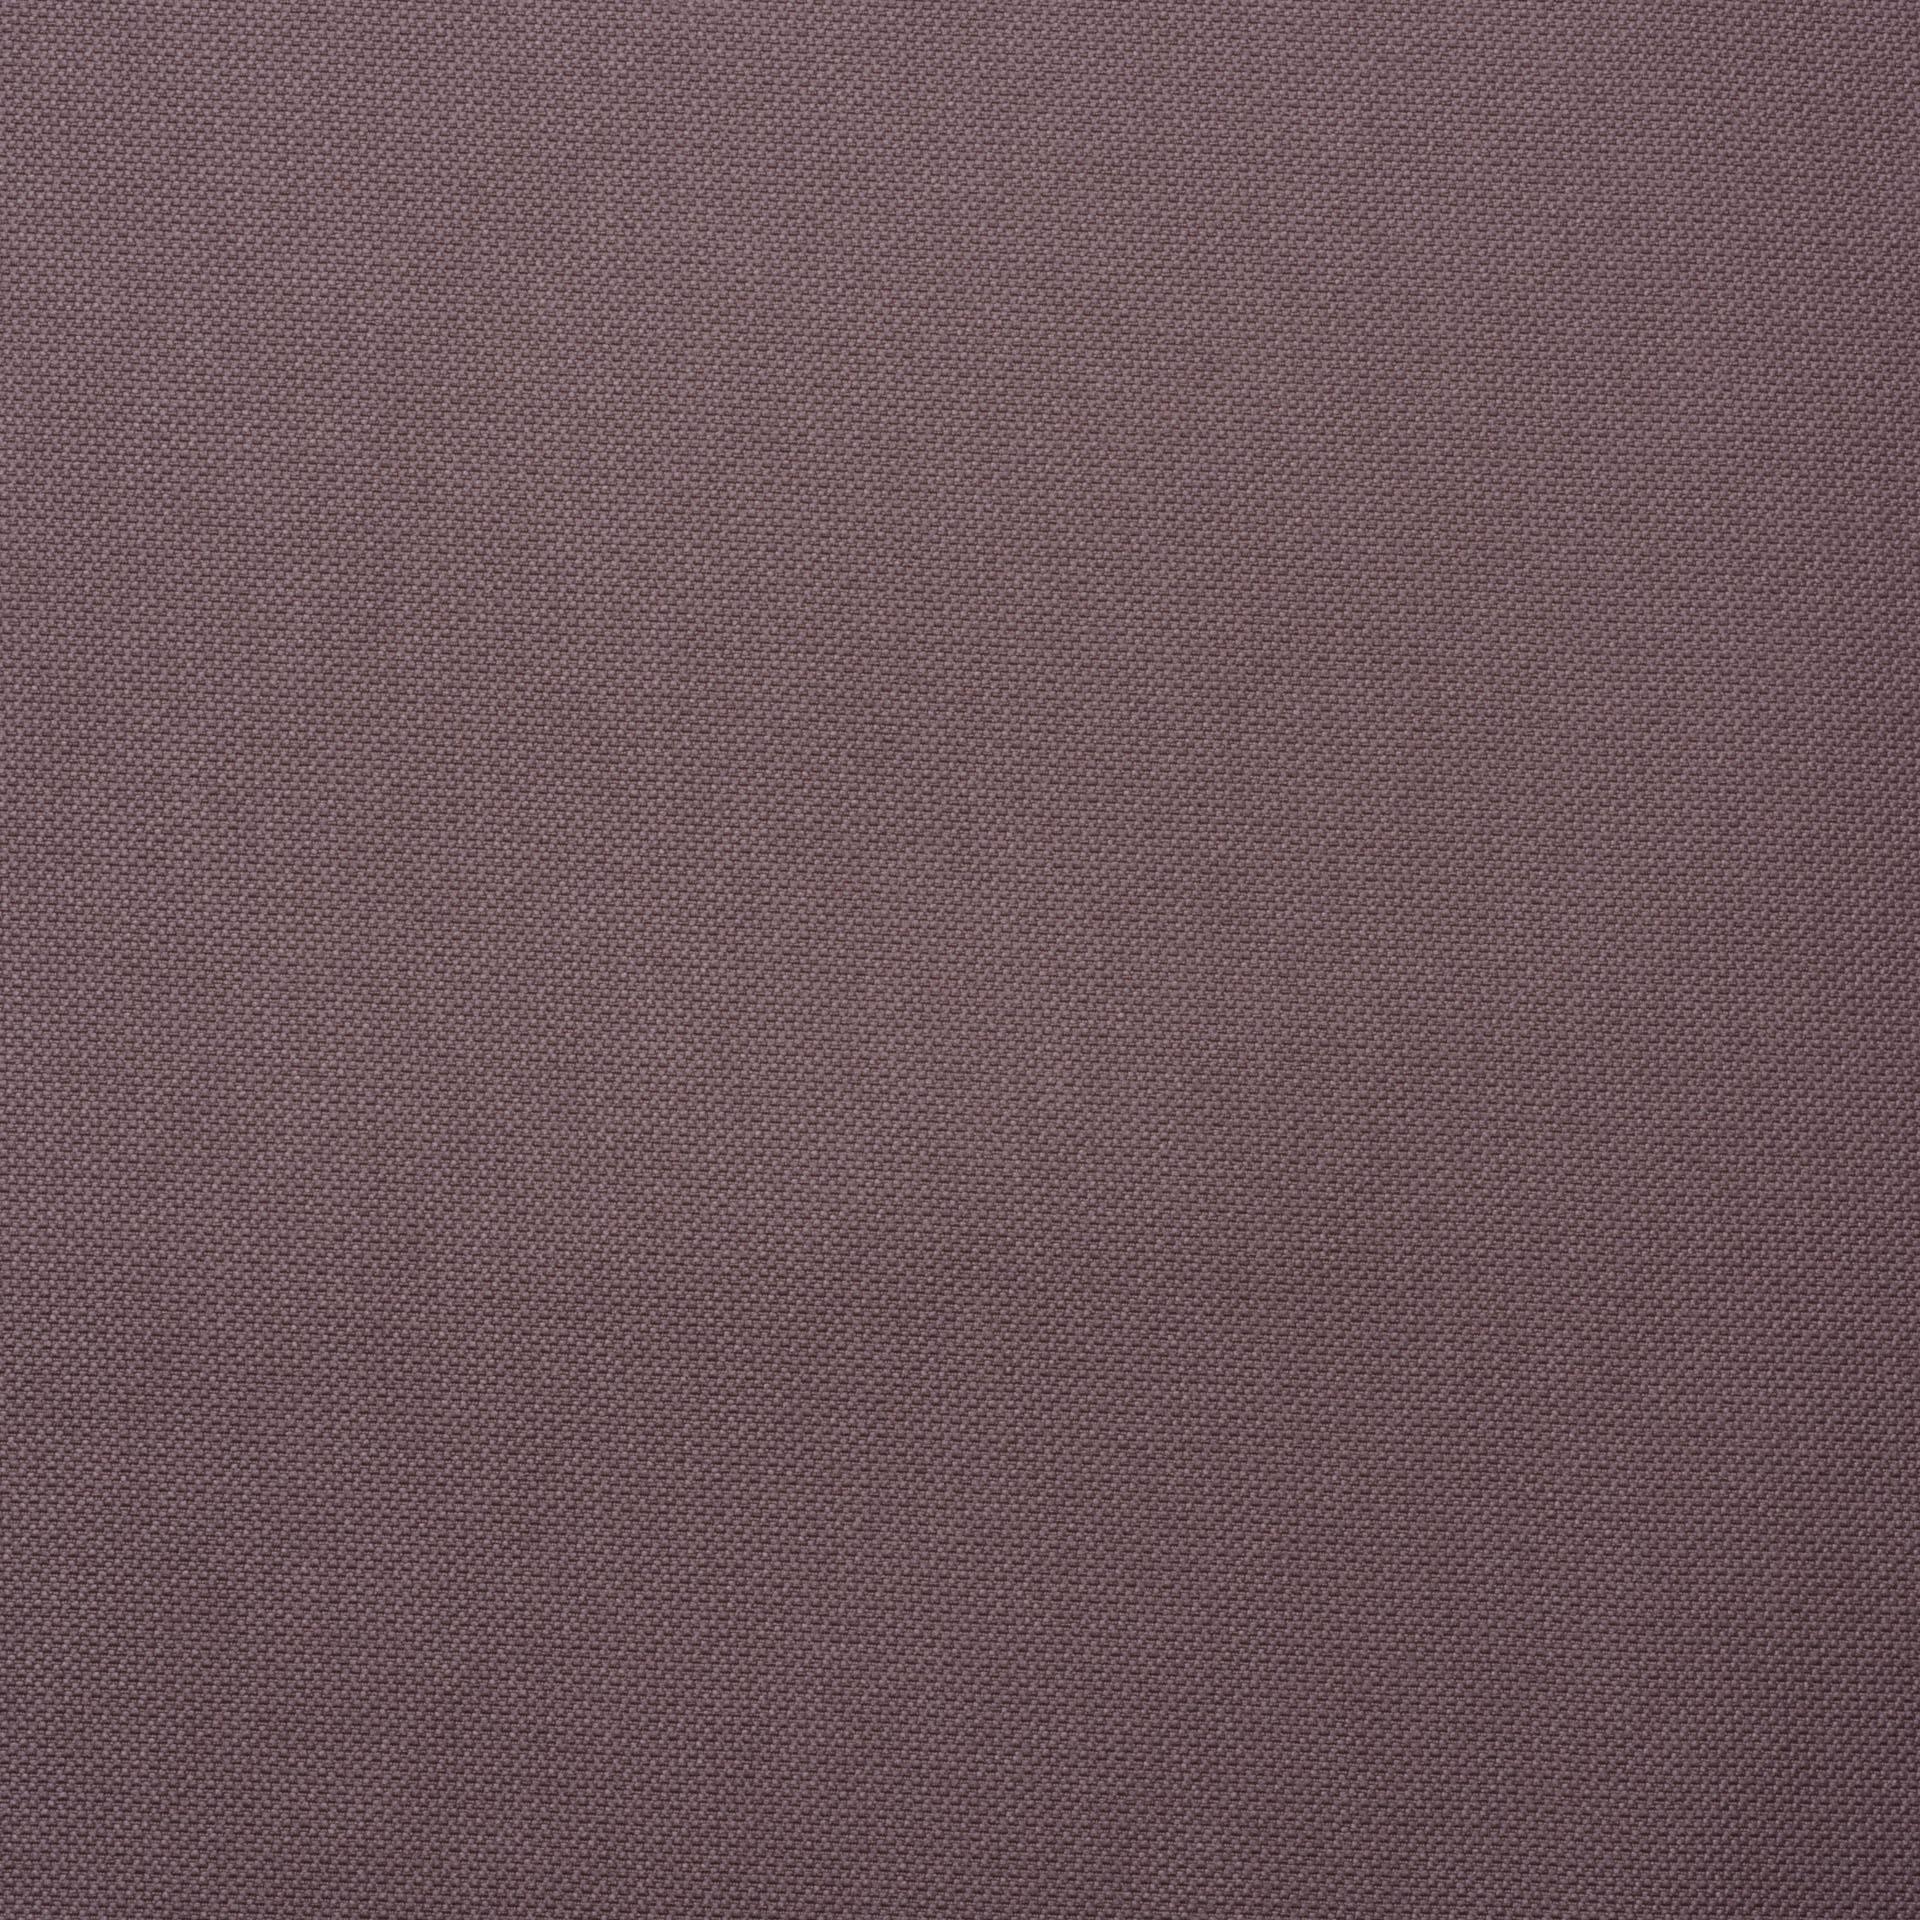 Коллекция ткани Стэнли 18 LAVANDA FIELD,  купить ткань Жаккард для мебели Украина